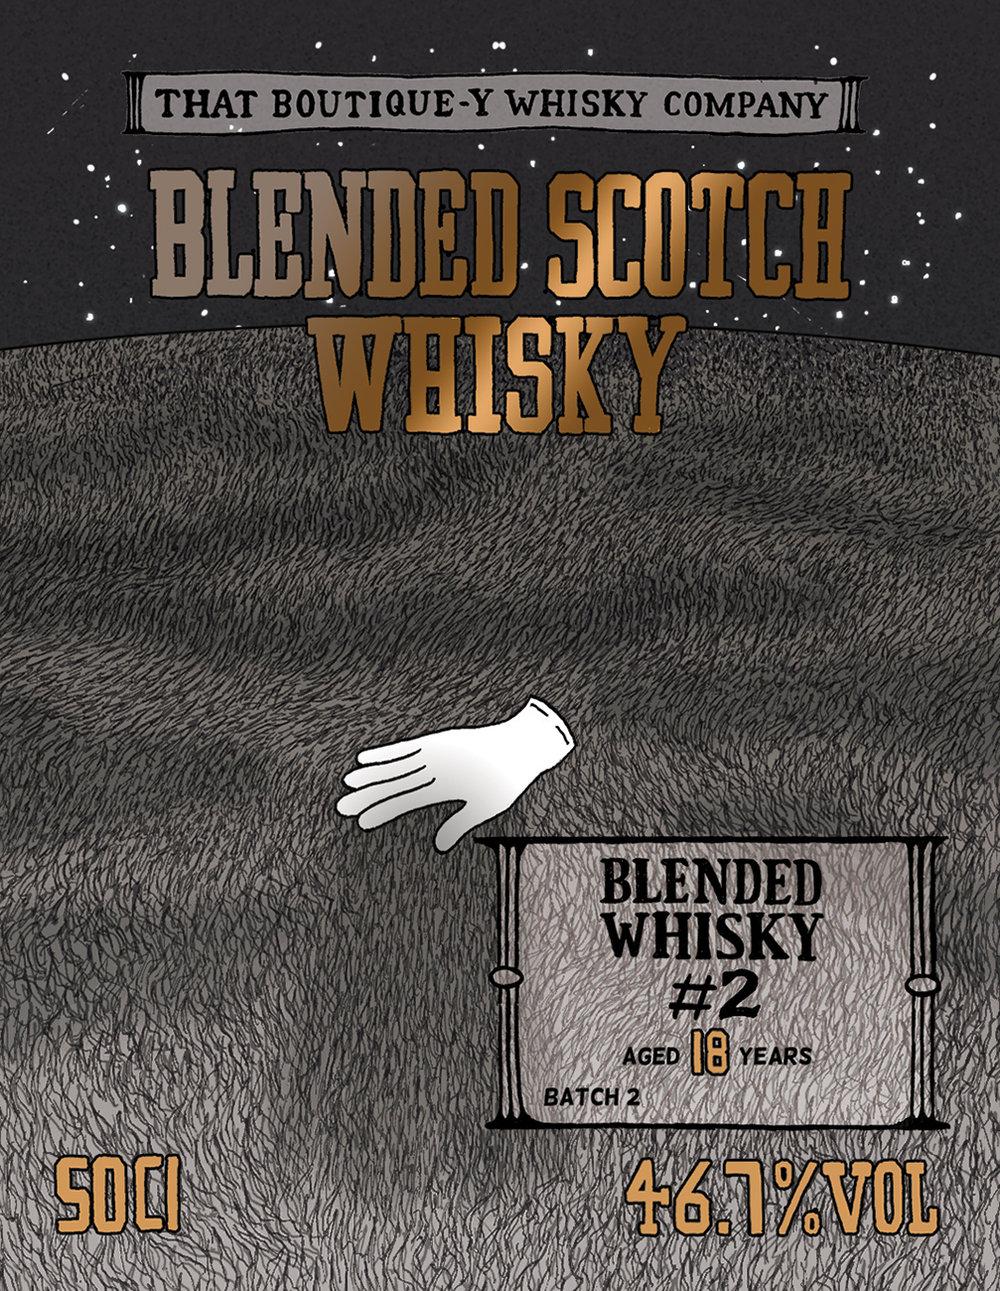 Blended Scotch Whisky 2 B2.jpg